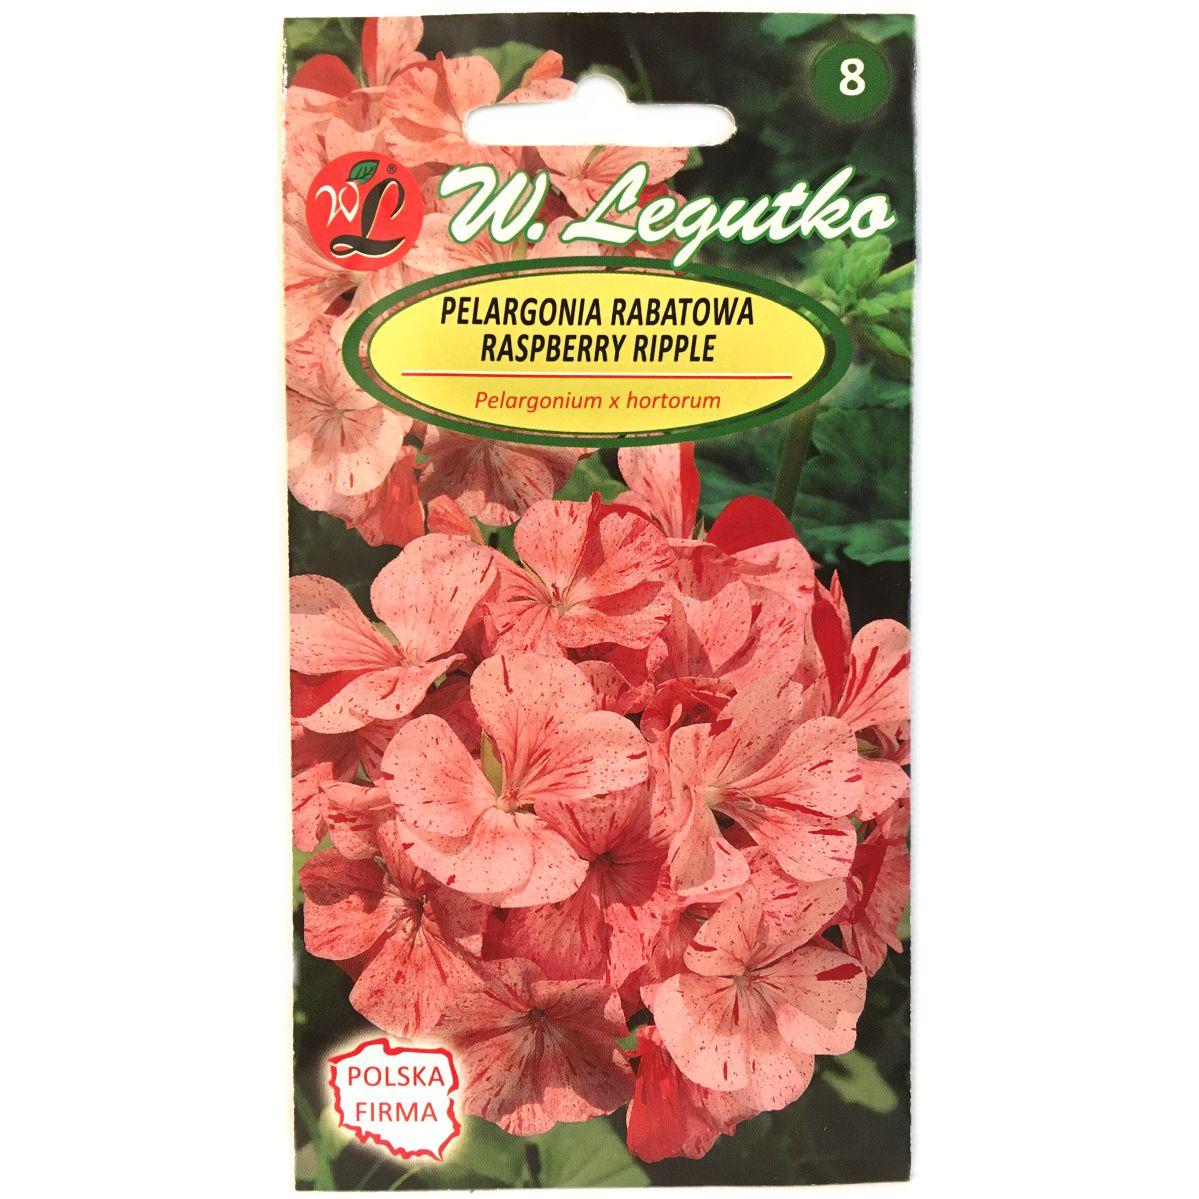 Pelargonia rabatowa Raspberry Ripple Divas F1 nasiona Legutko